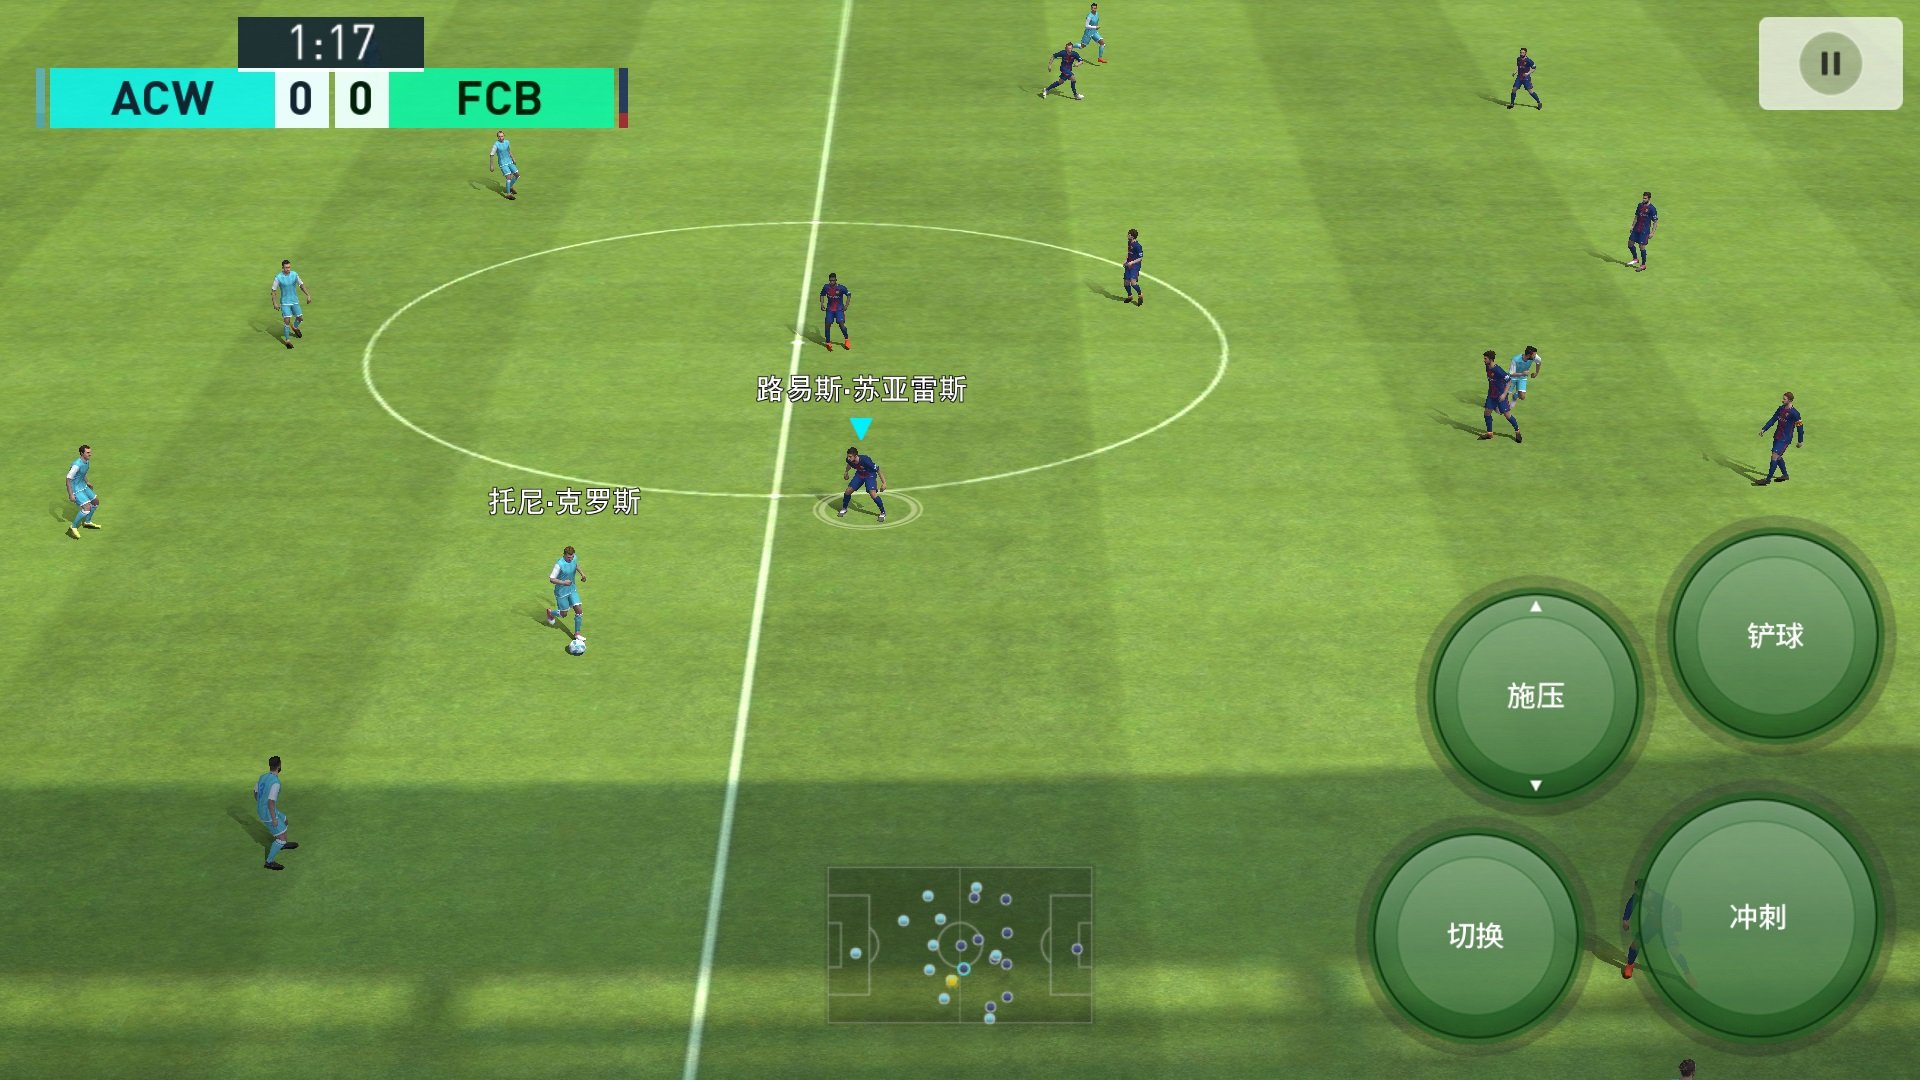 《实况足球》手游评测:质量上乘的正统续作